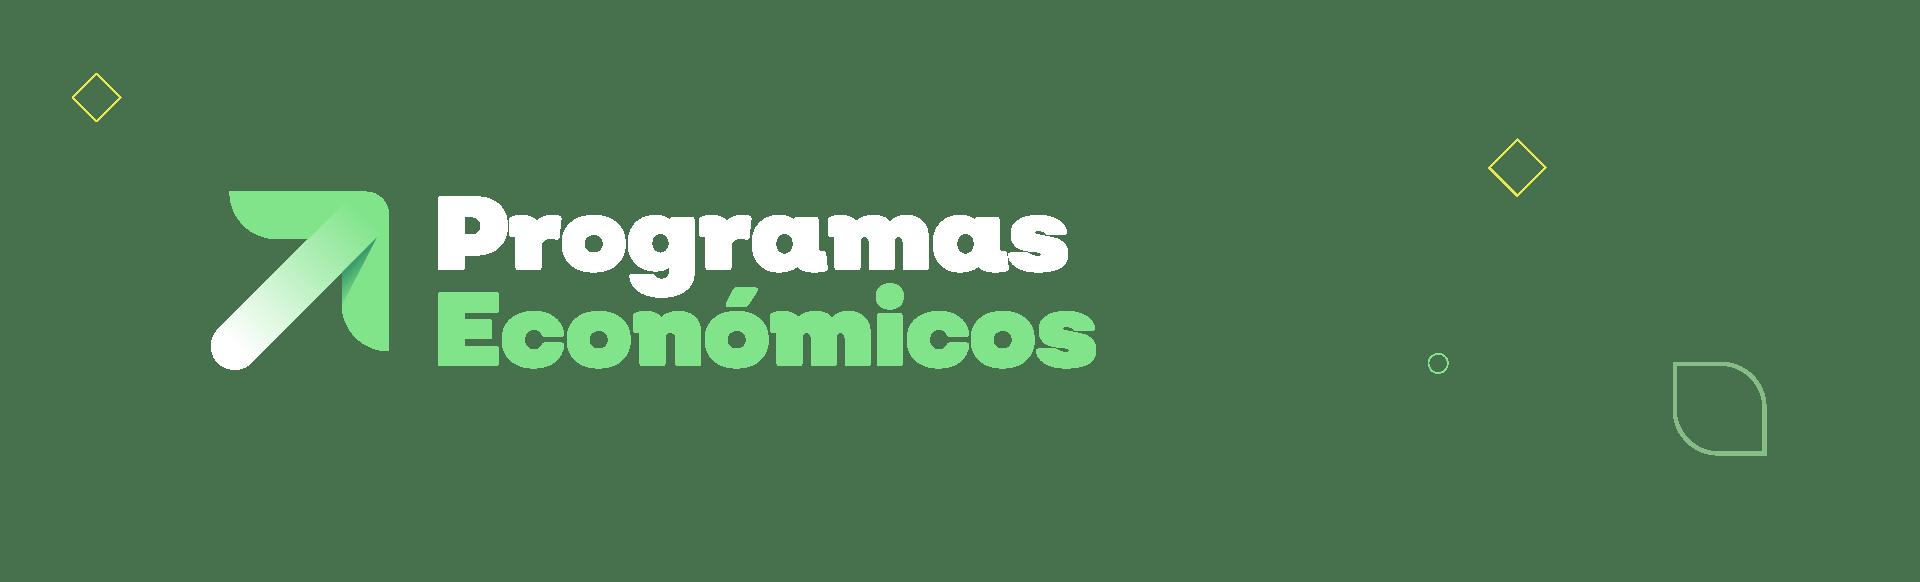 Programas económicos